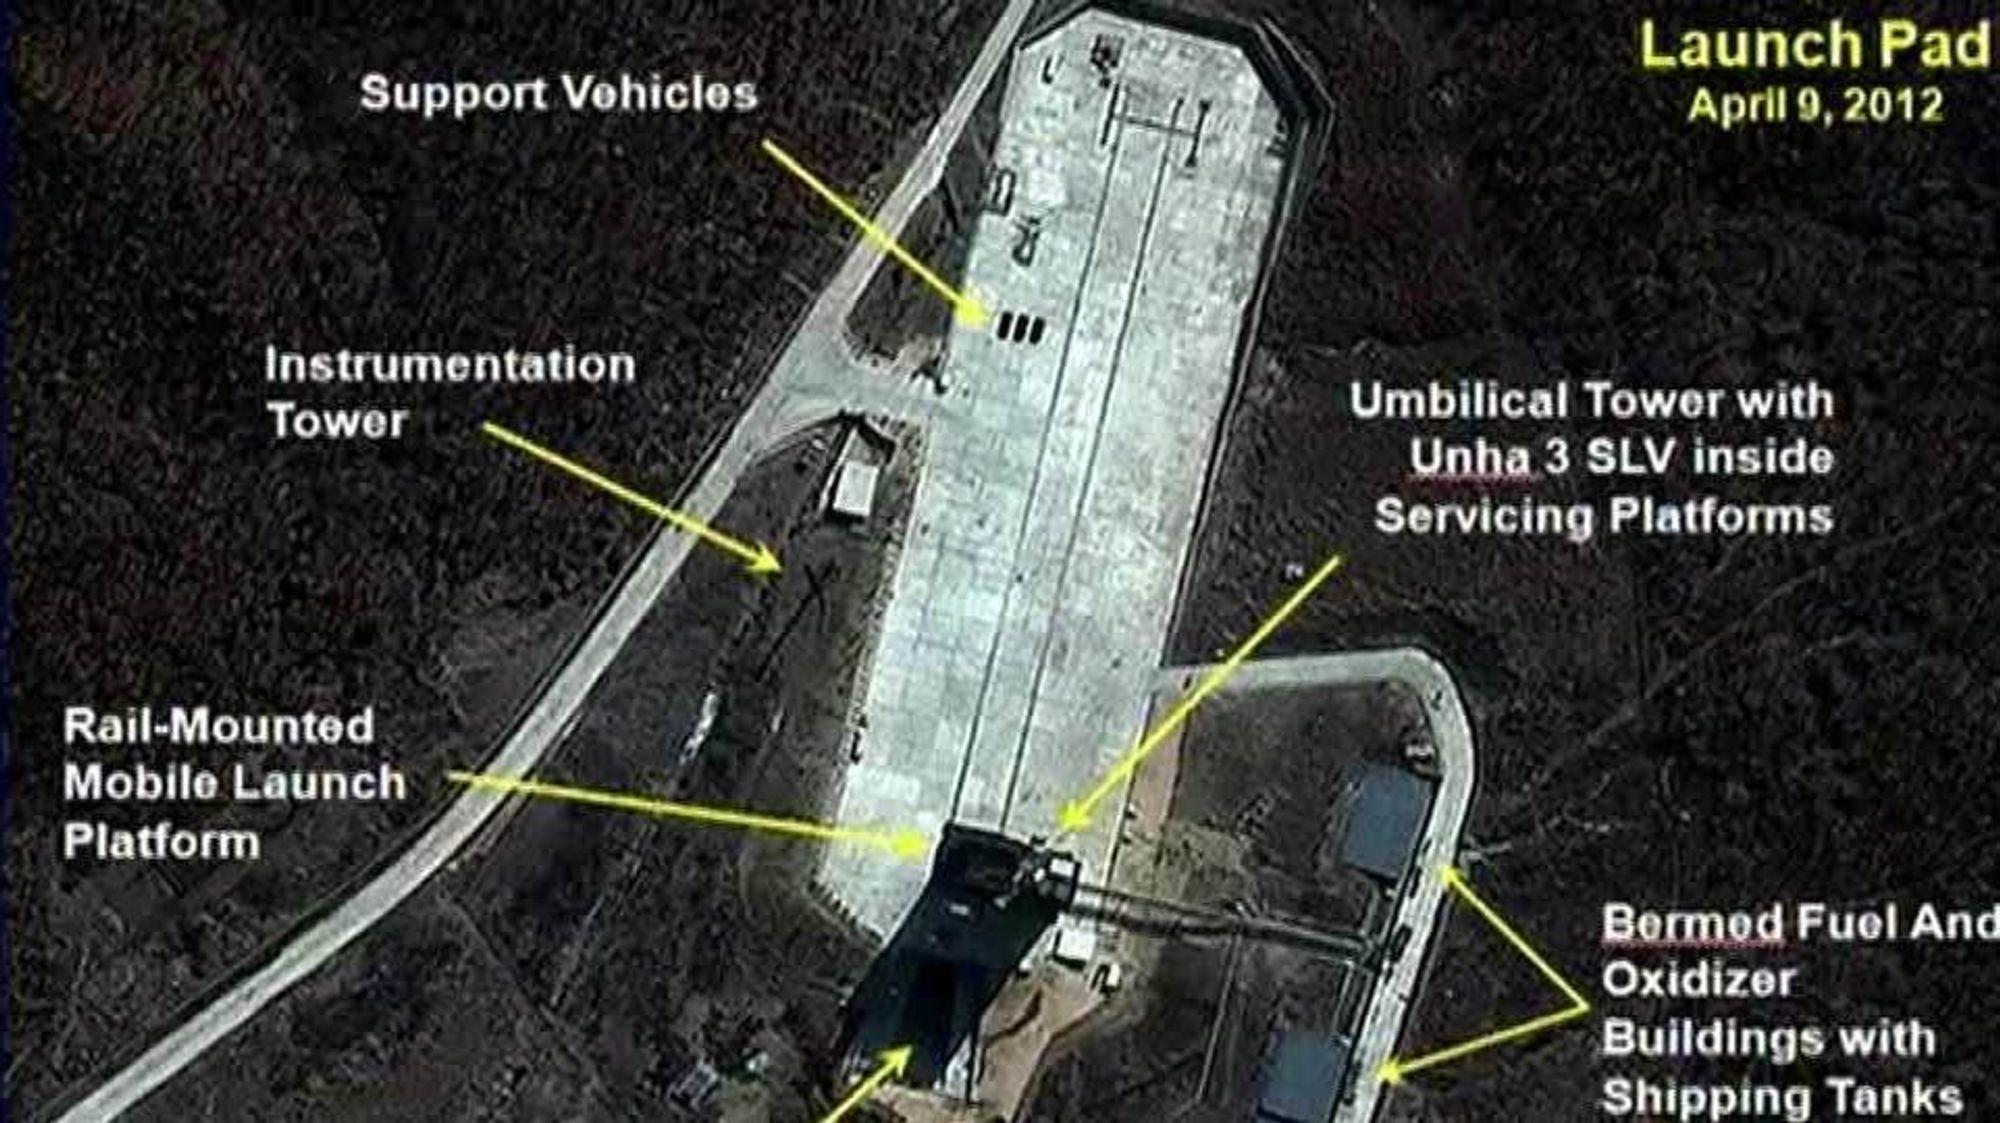 Dette satelittbildet ble tatt i forbindelse med at Nord-Korea varslet oppskyting av potensielt atomvåpenbærende raketter i 2012. Nå tyder nye satellittbilder på at Nord-Korea kan ha gjenopptatt aktiviteten ved sitt atomanlegg i Yongbyon.